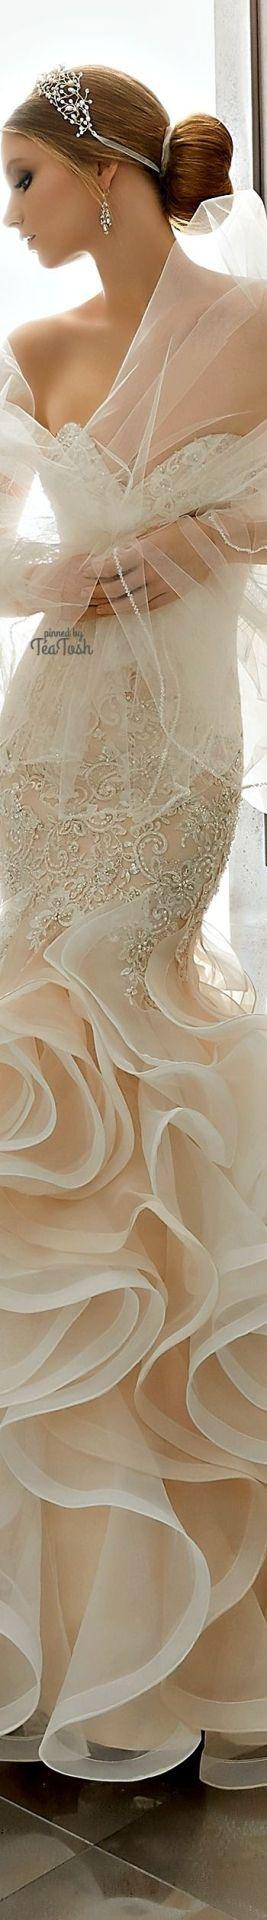 ❇Téa Tosh❇Mirjana Wedding Dress♡♡♡♡♡